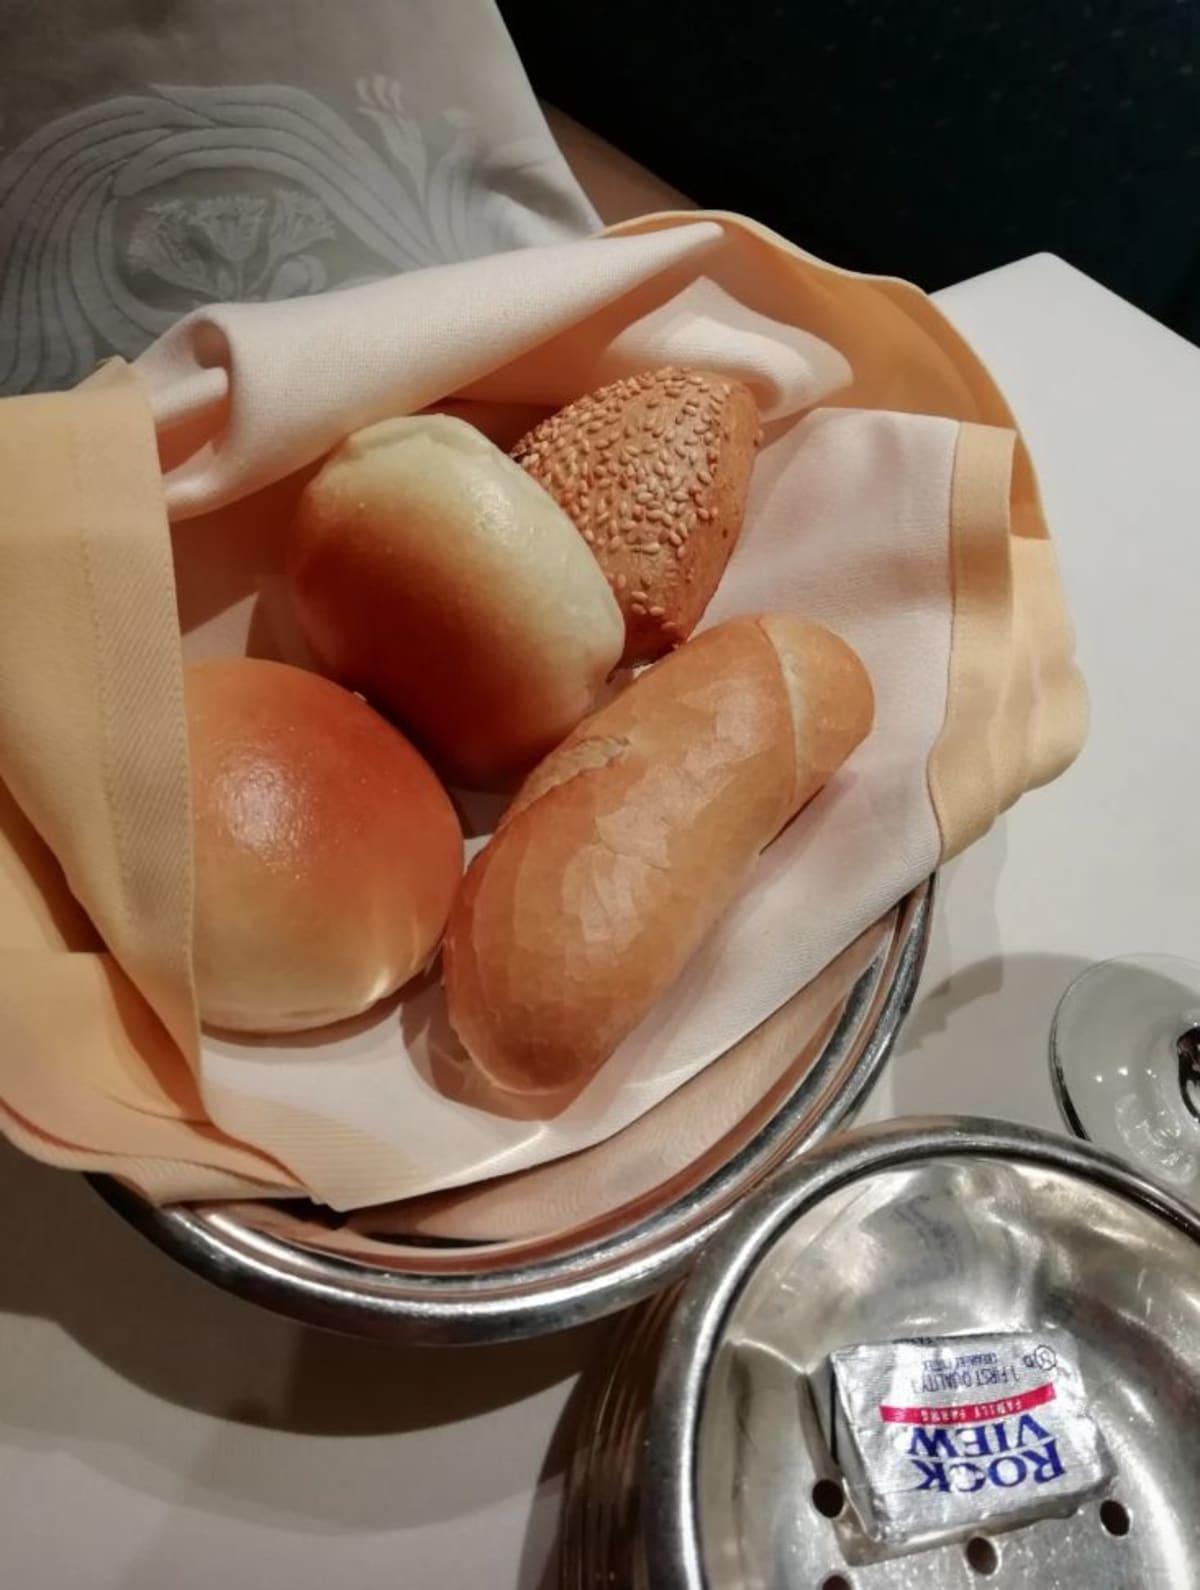 ディナー時に共されるパン by [mr. benuet](https://cruisemans.com/@benuet/2573)